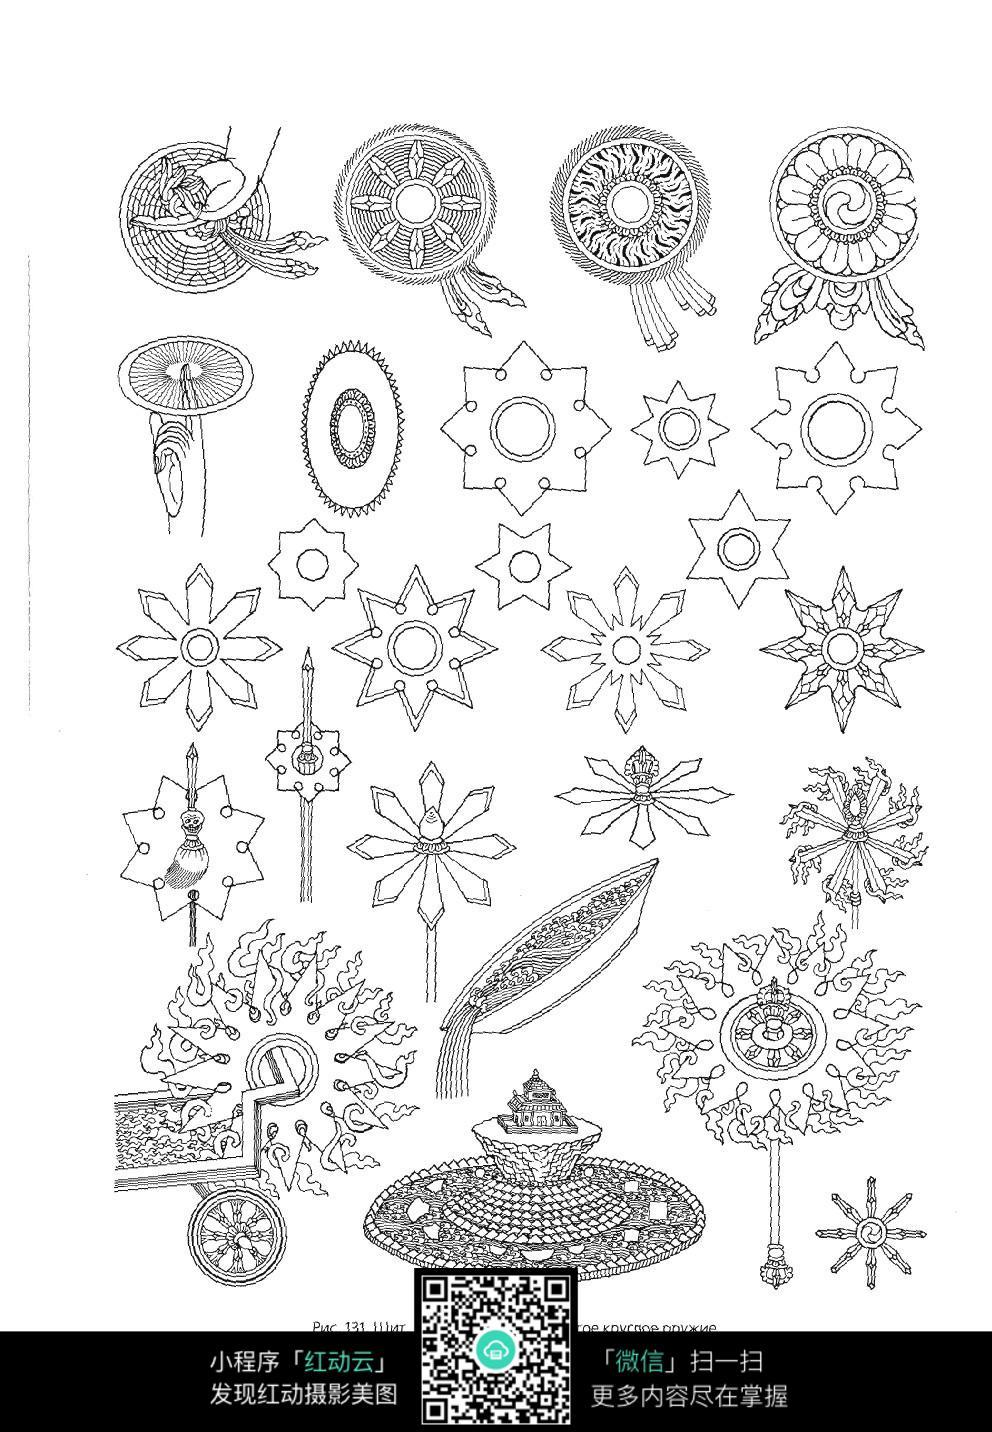 几何花纹手绘线描图片素材